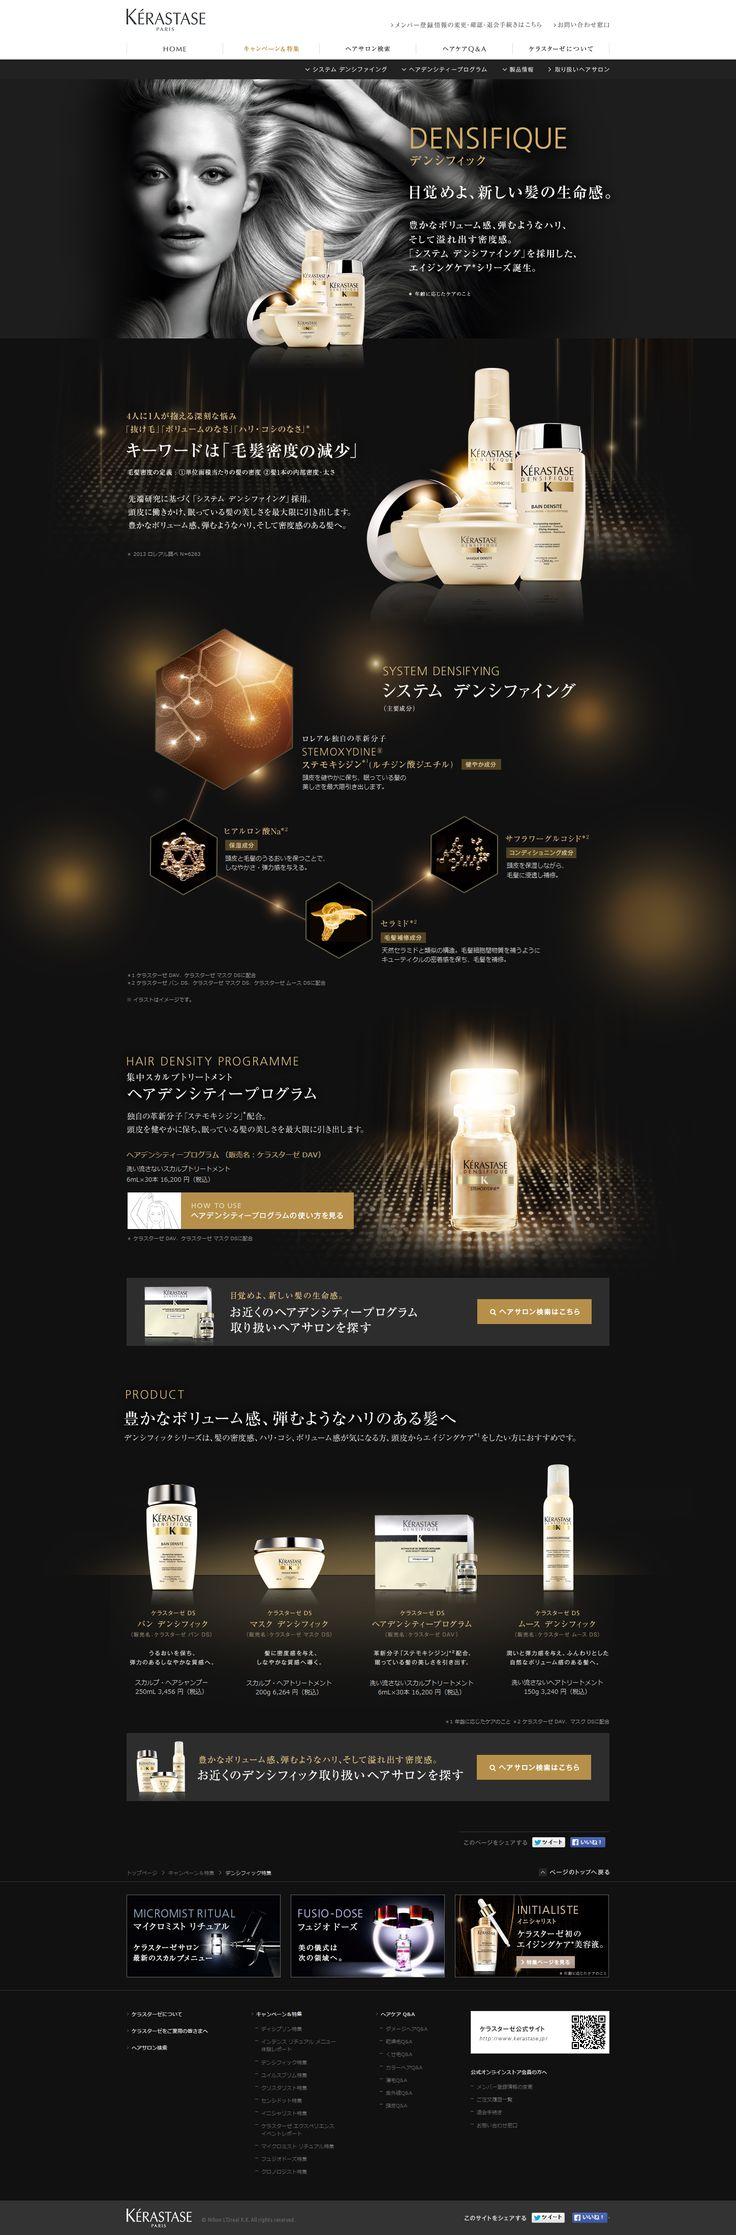 http://www.kerastase.jp/special/densifique/